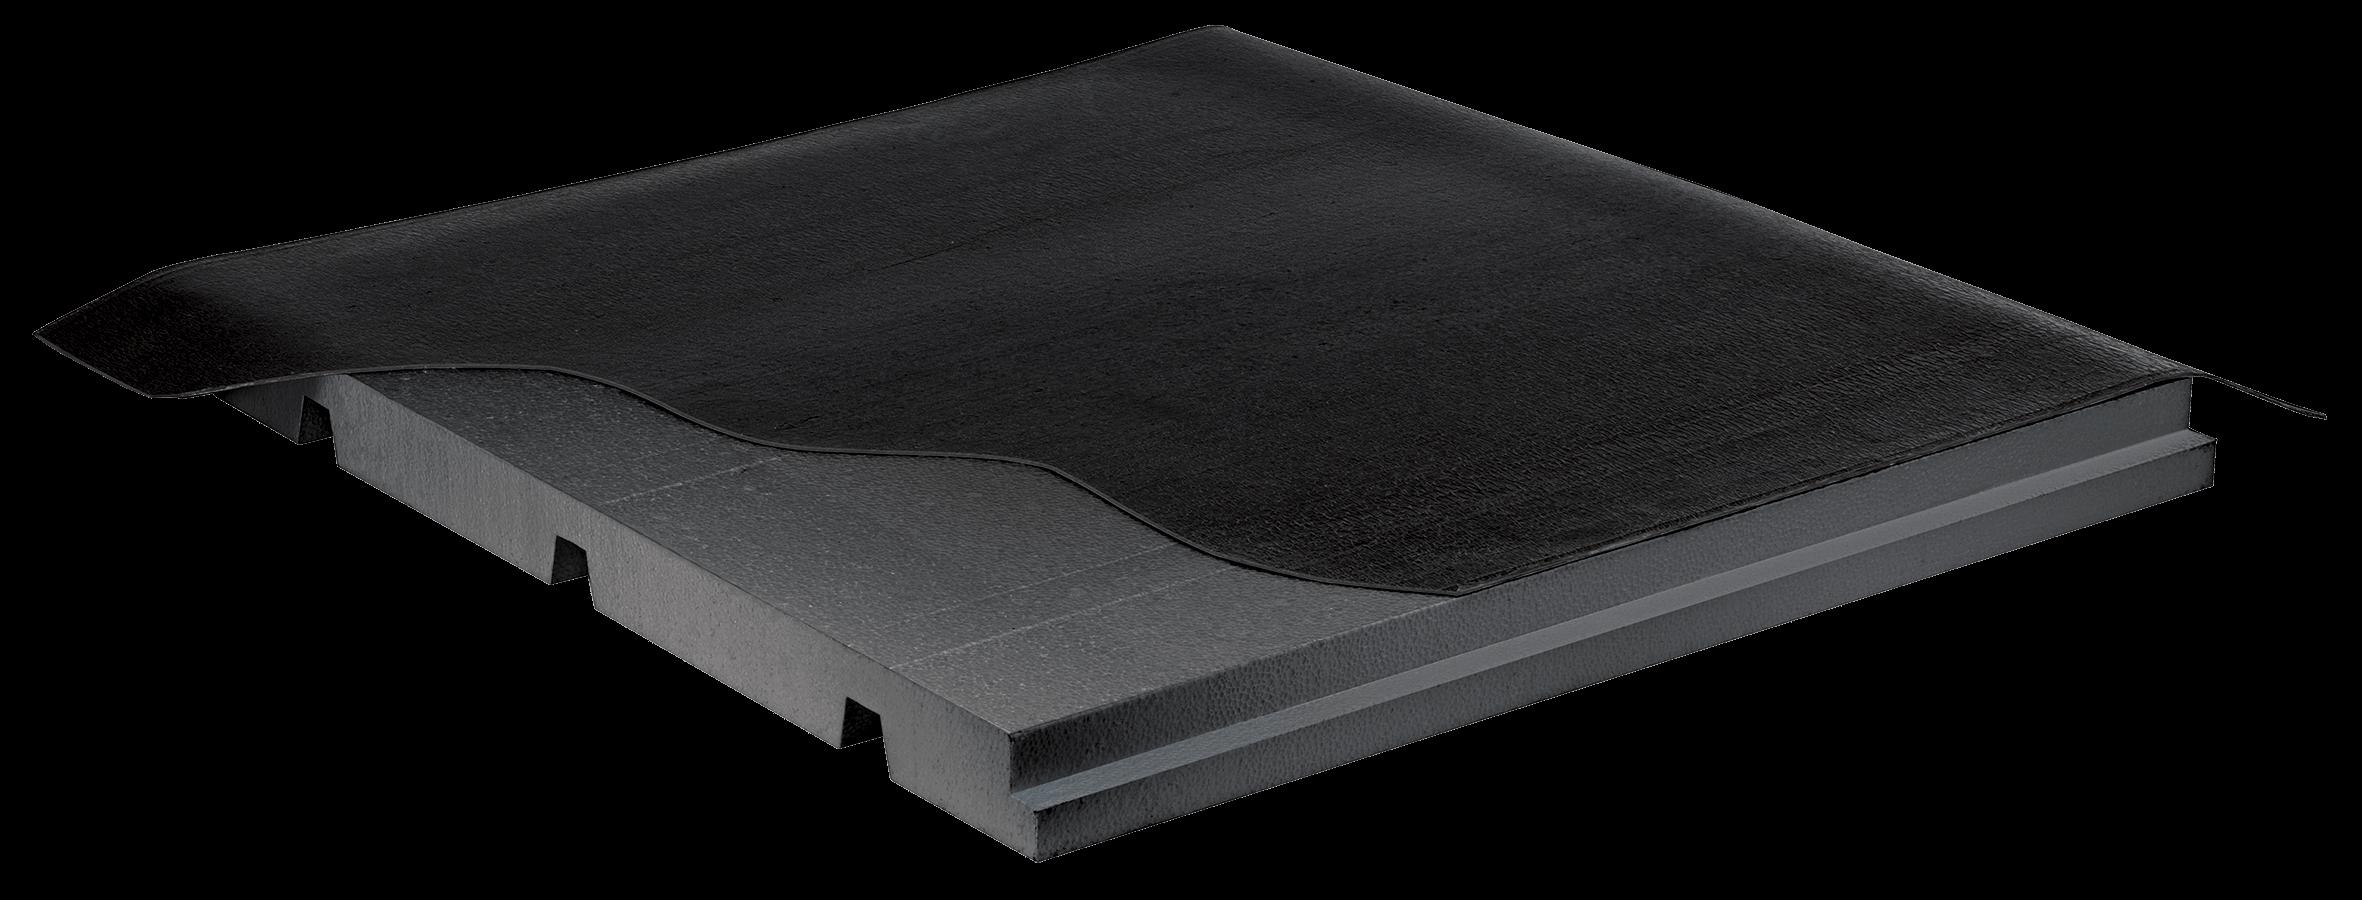 impermeabizzazione e isolamento in sovracopertura di tetto in lamiera grecata nuova fopan